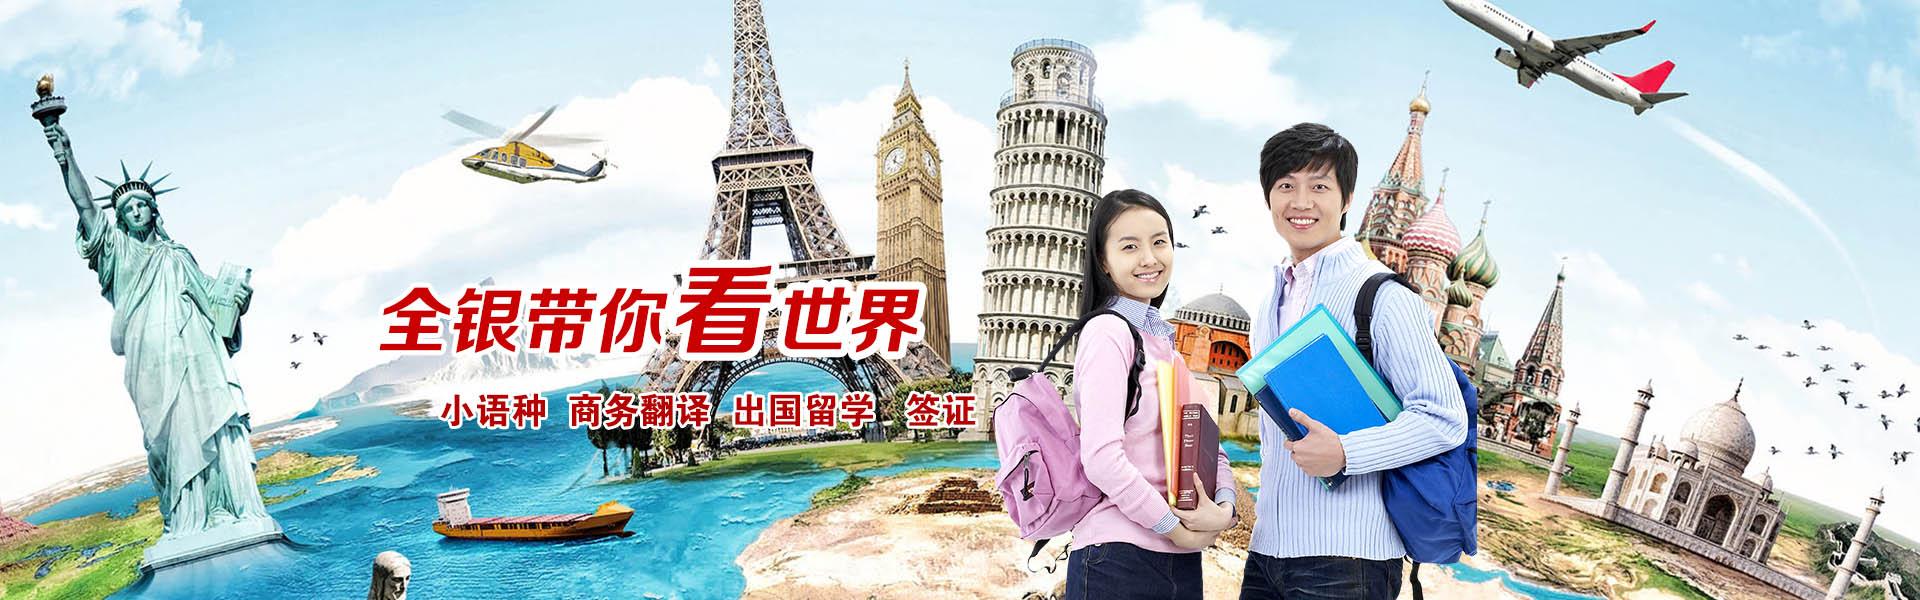 广西小语种翻译机构,广西商务翻译,广西出国留学